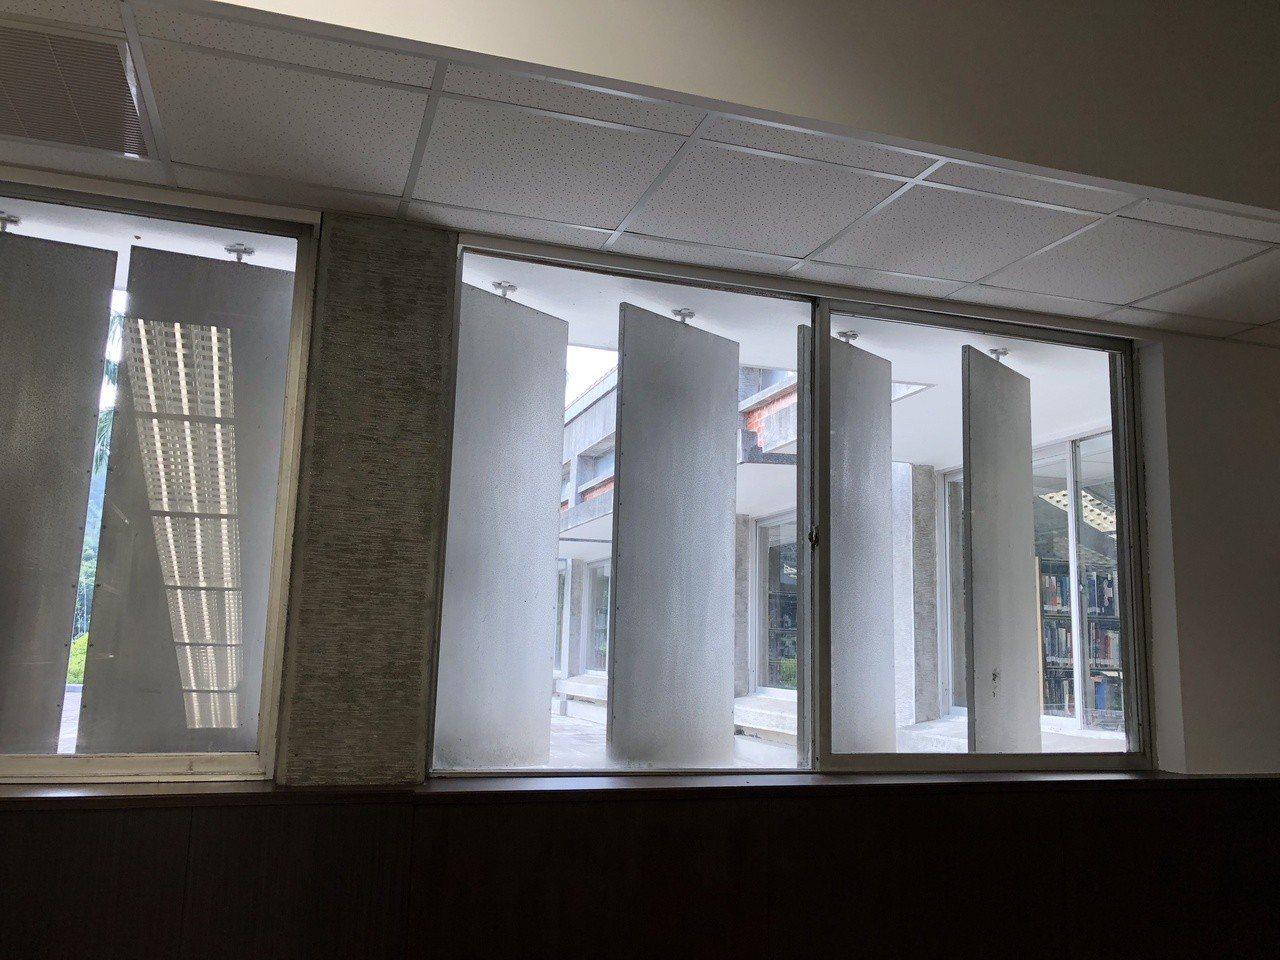 中研院歐美所圖書館觀賞重點,窗外設有遮陽板,若遇颱風還可轉為颱風板。記者何定照/...